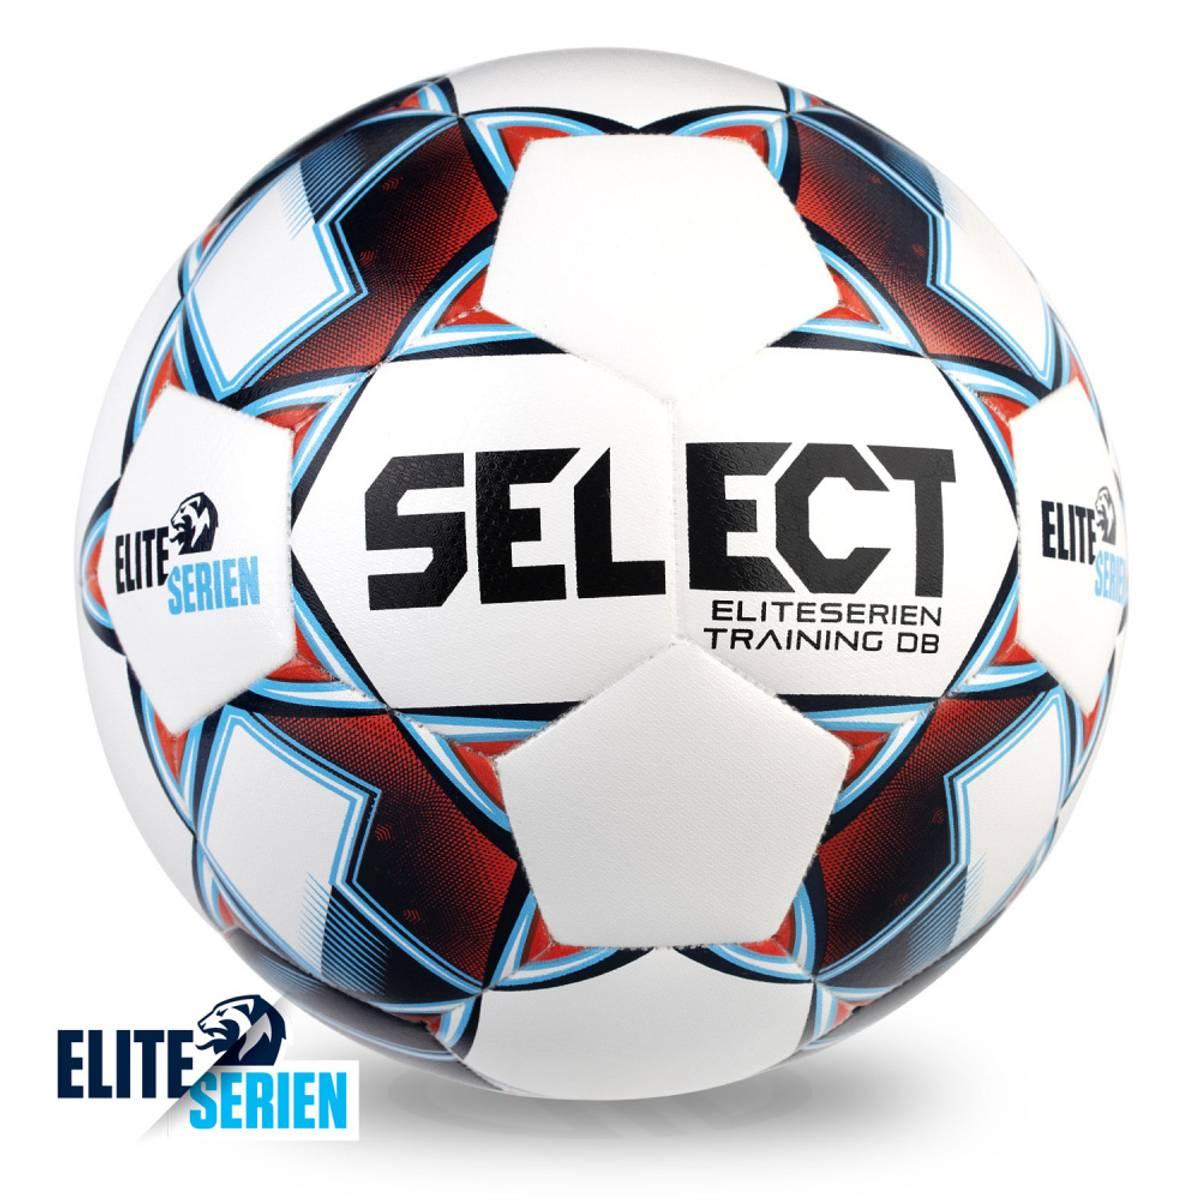 Select Eliteserien Training fotball